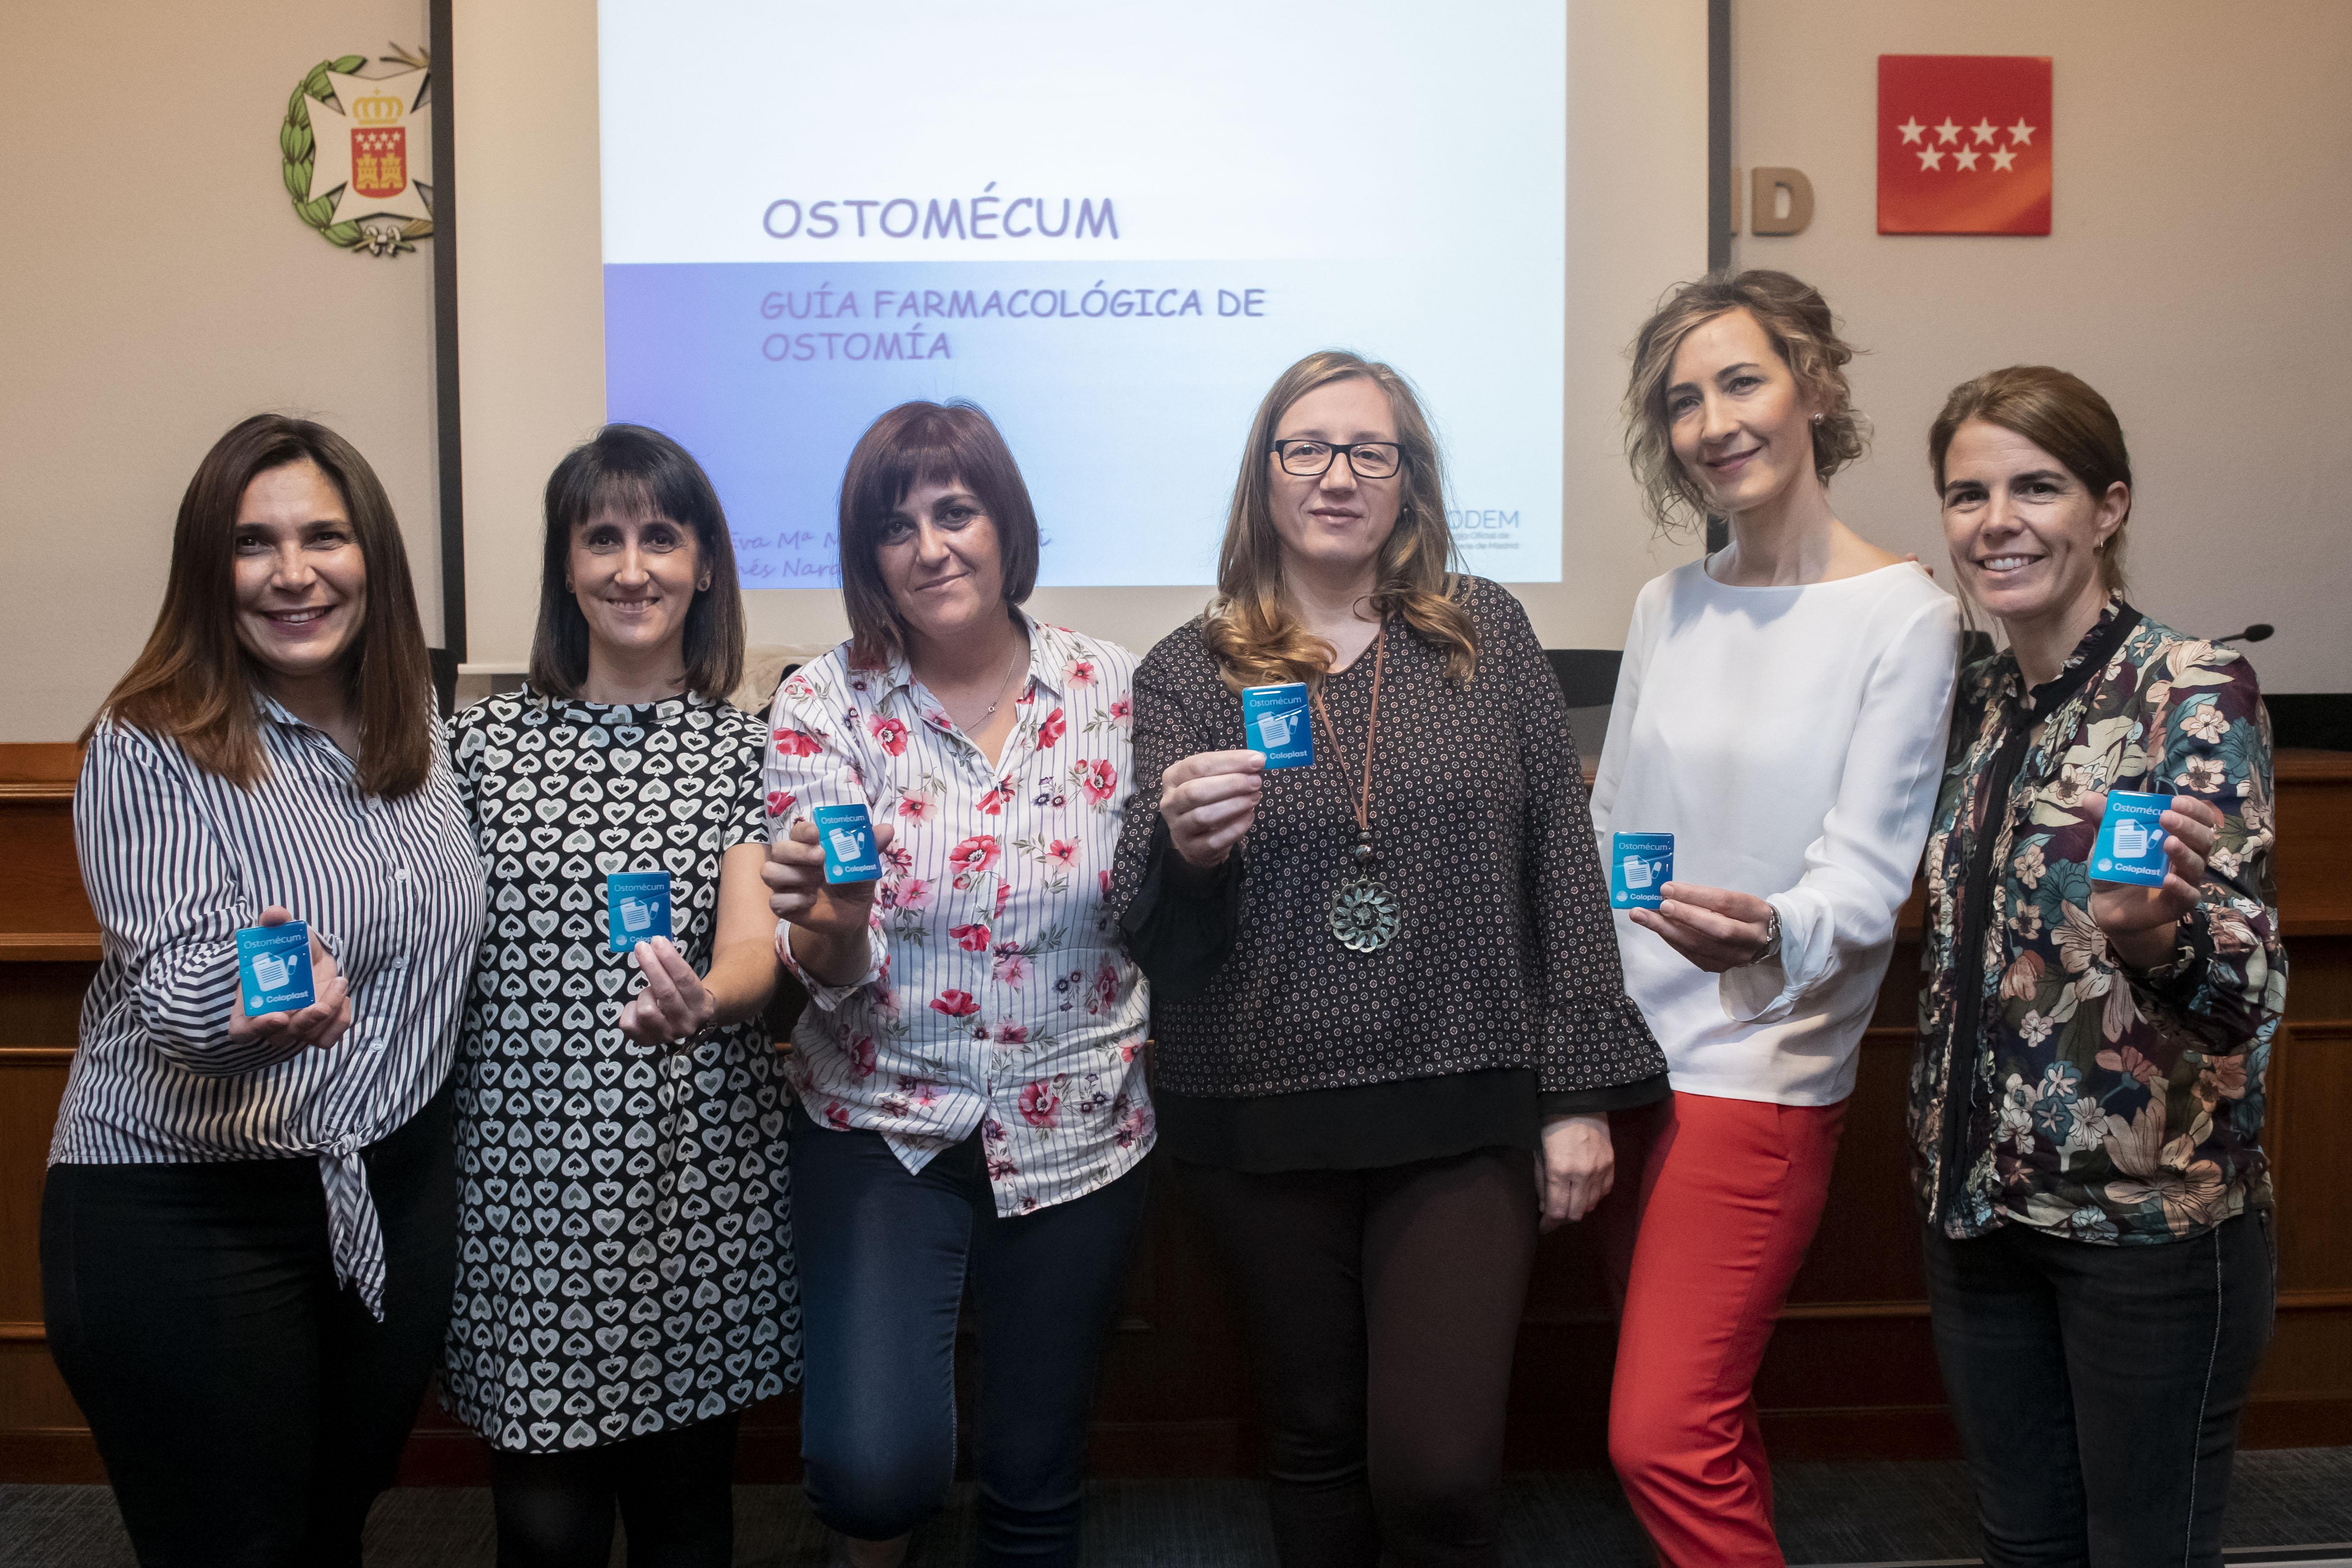 Ostomécum, una app enfermera para controlar la medicación de los pacientes ostomizados